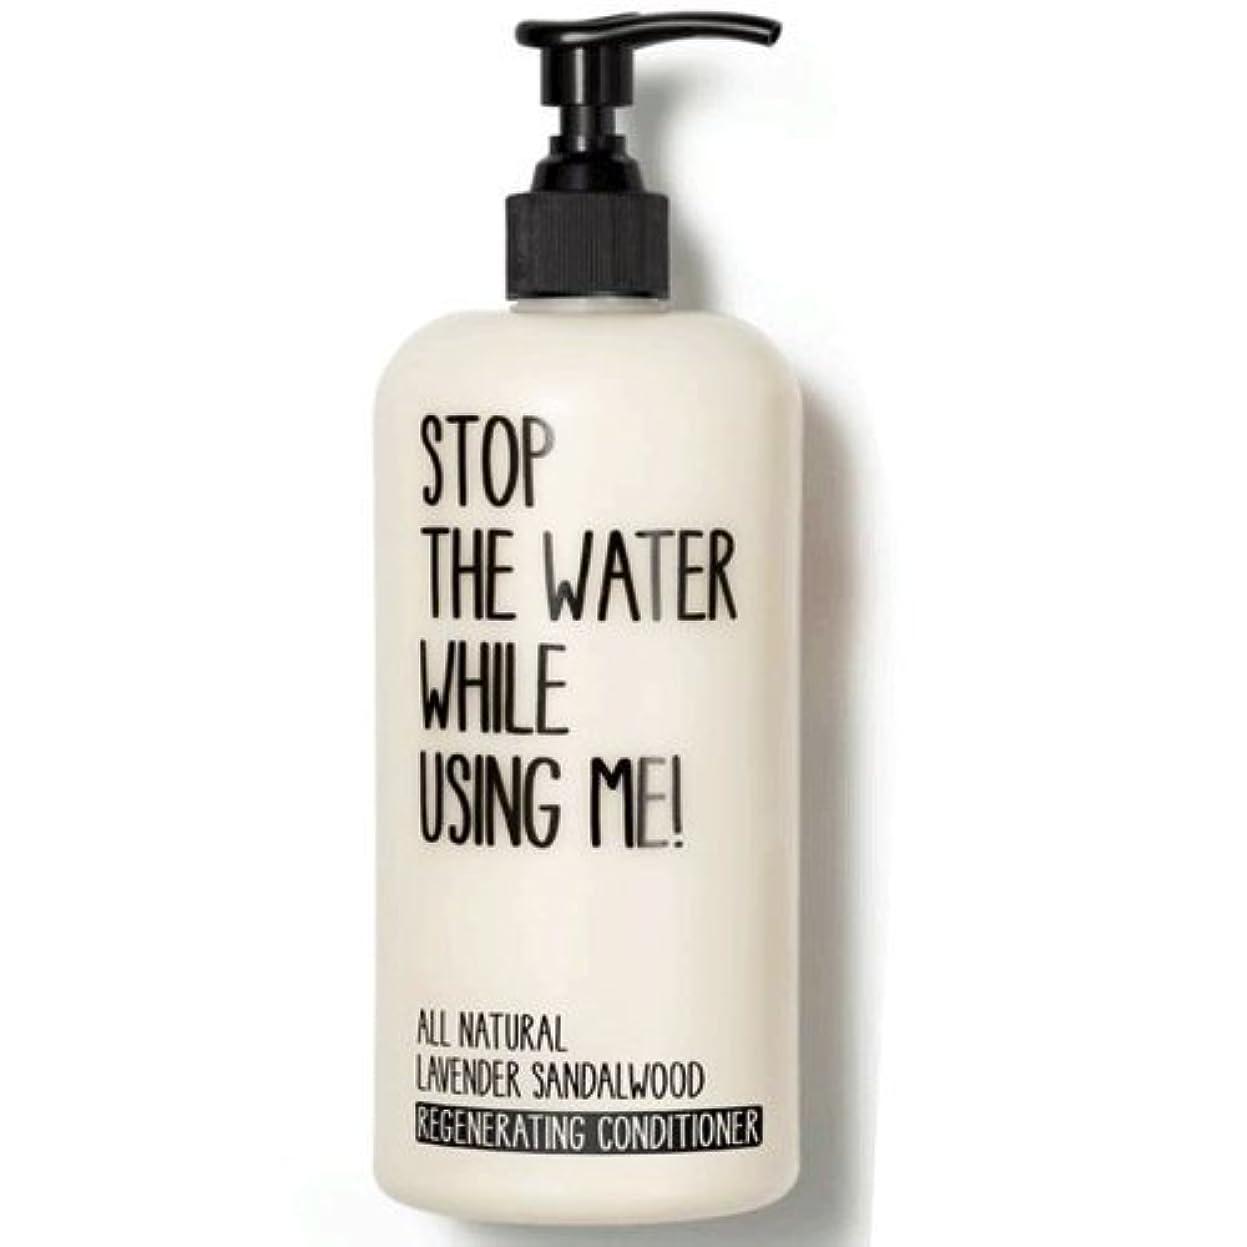 収まる代表団間違い【STOP THE WATER WHILE USING ME!】L&Sコンディショナー (ラベンダー&サンダルウッド) 500ml [並行輸入品]